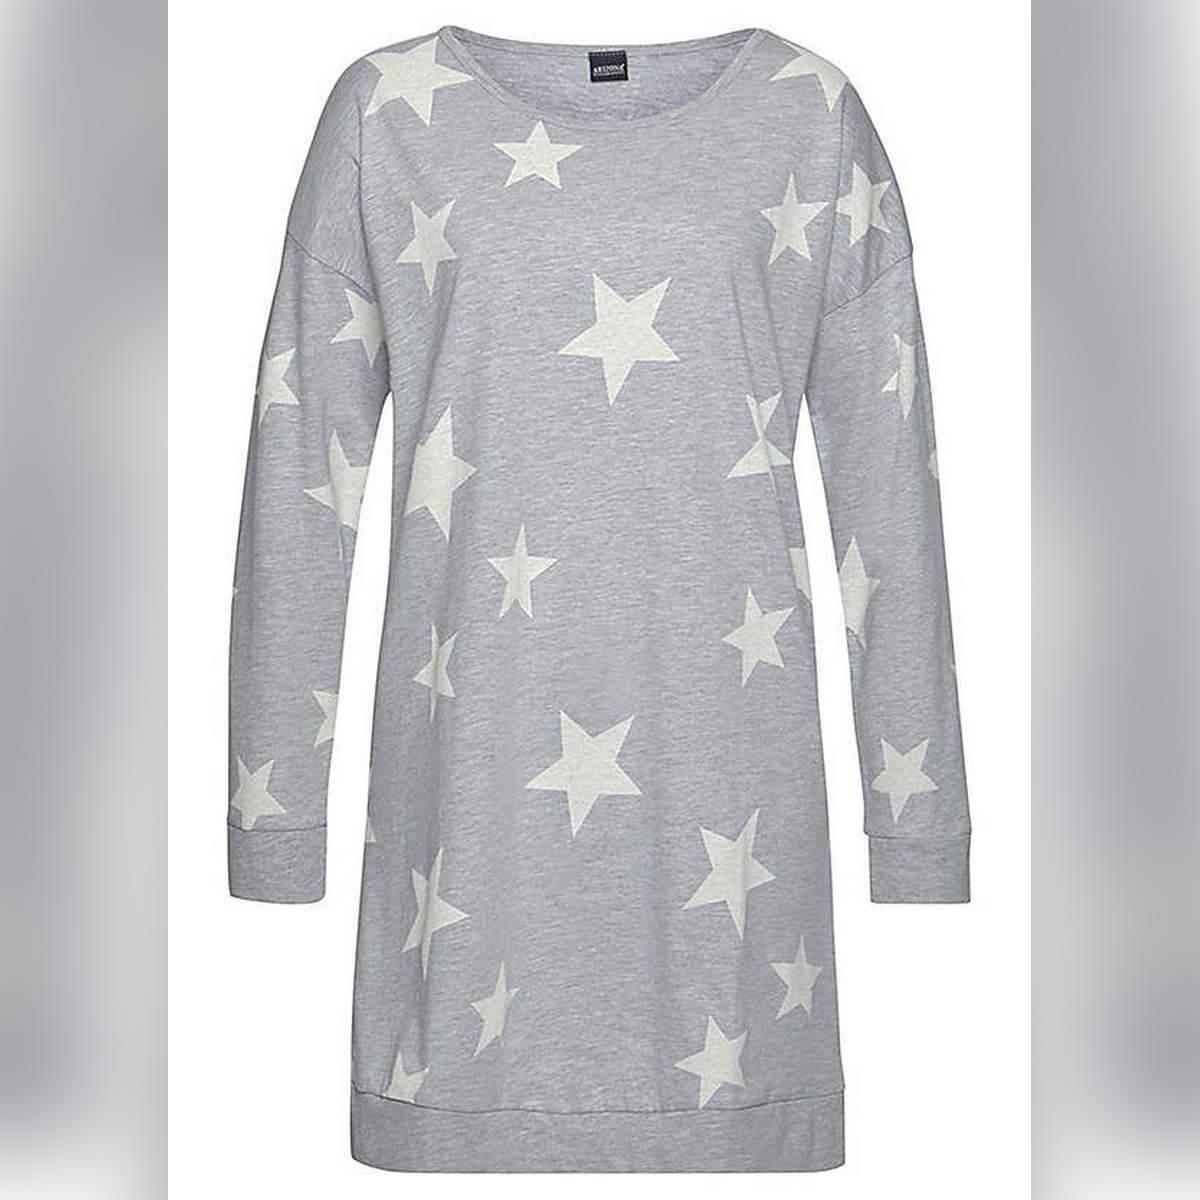 L56 long shirt full selves